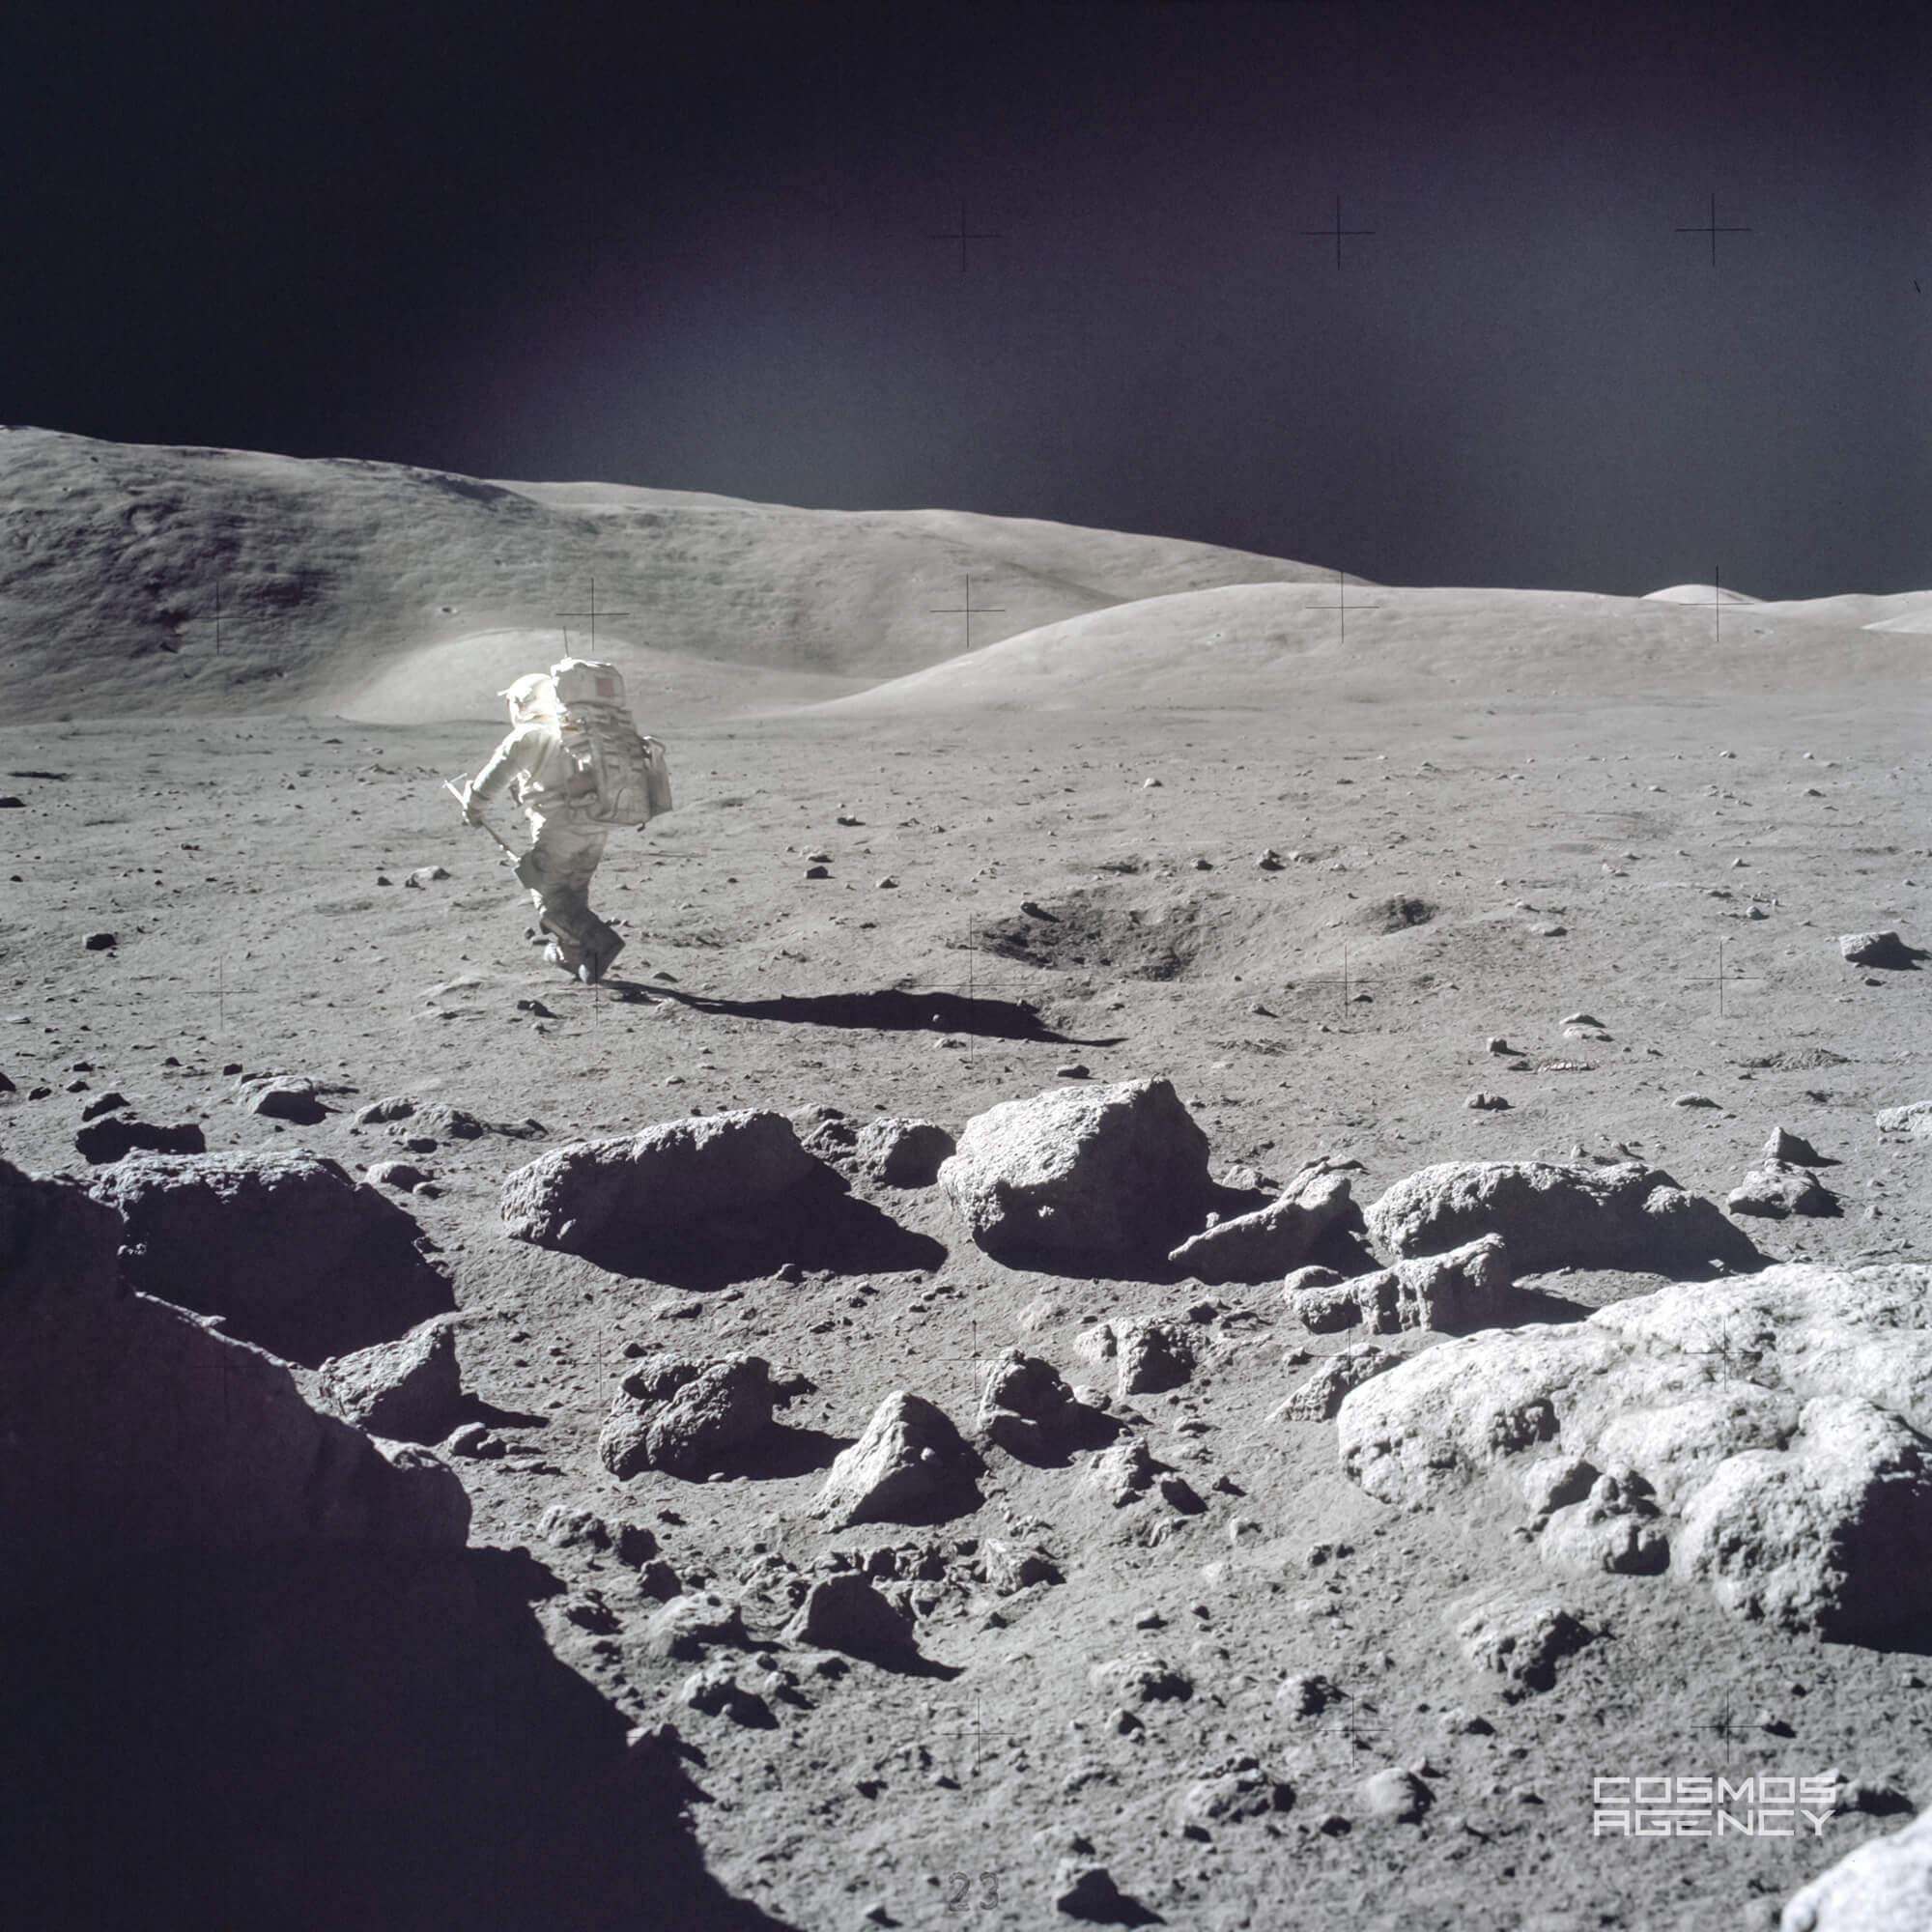 """Станция 5 — Астронавт NASA Харрисон """"Джек"""" Шмитт возвращается обратно к лунному роверу неся лопату в левой руке, Аполлон 17, 1972"""